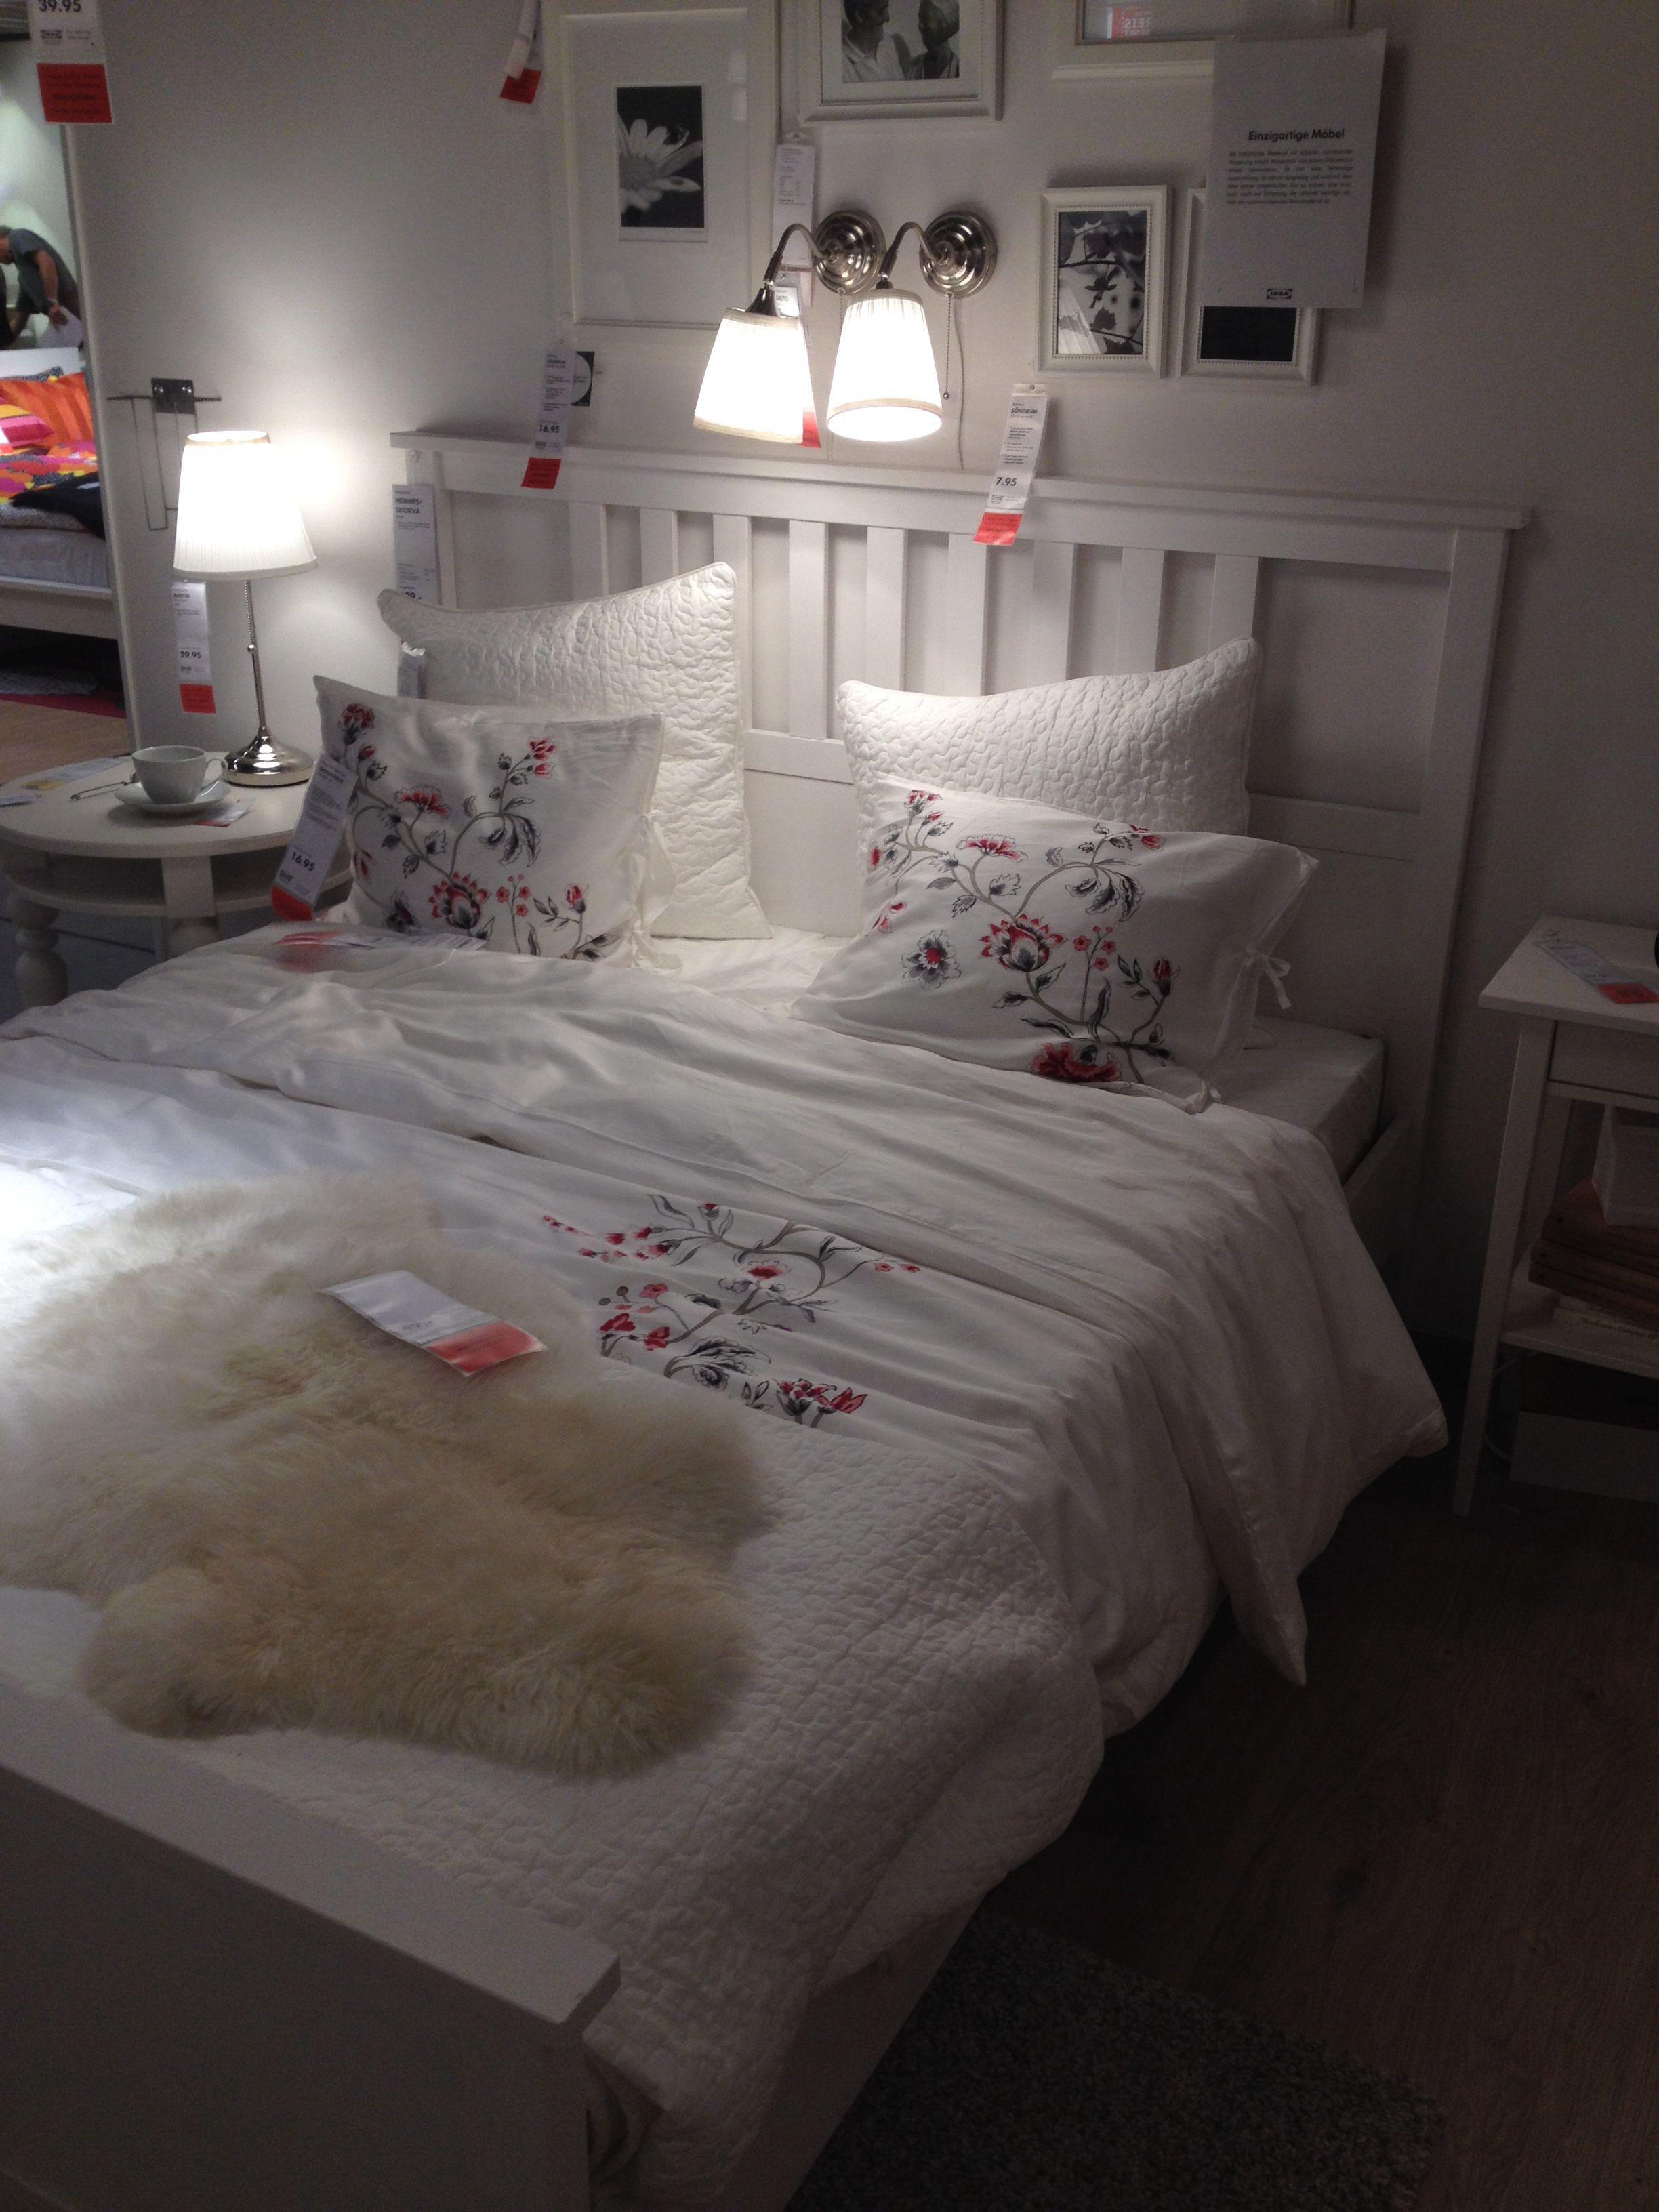 Ikea Bedroom Leirvik Hemnes Is Creative Inspiration For Us: Ikea Hemnes Bed! In Love :-)